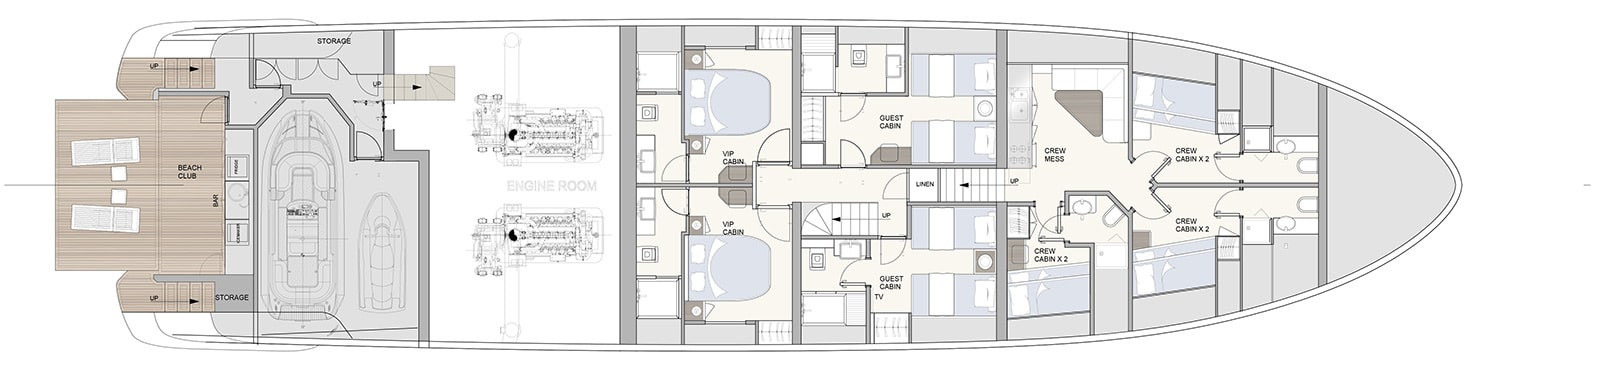 E32 Lower Deck- Explorer Yacht